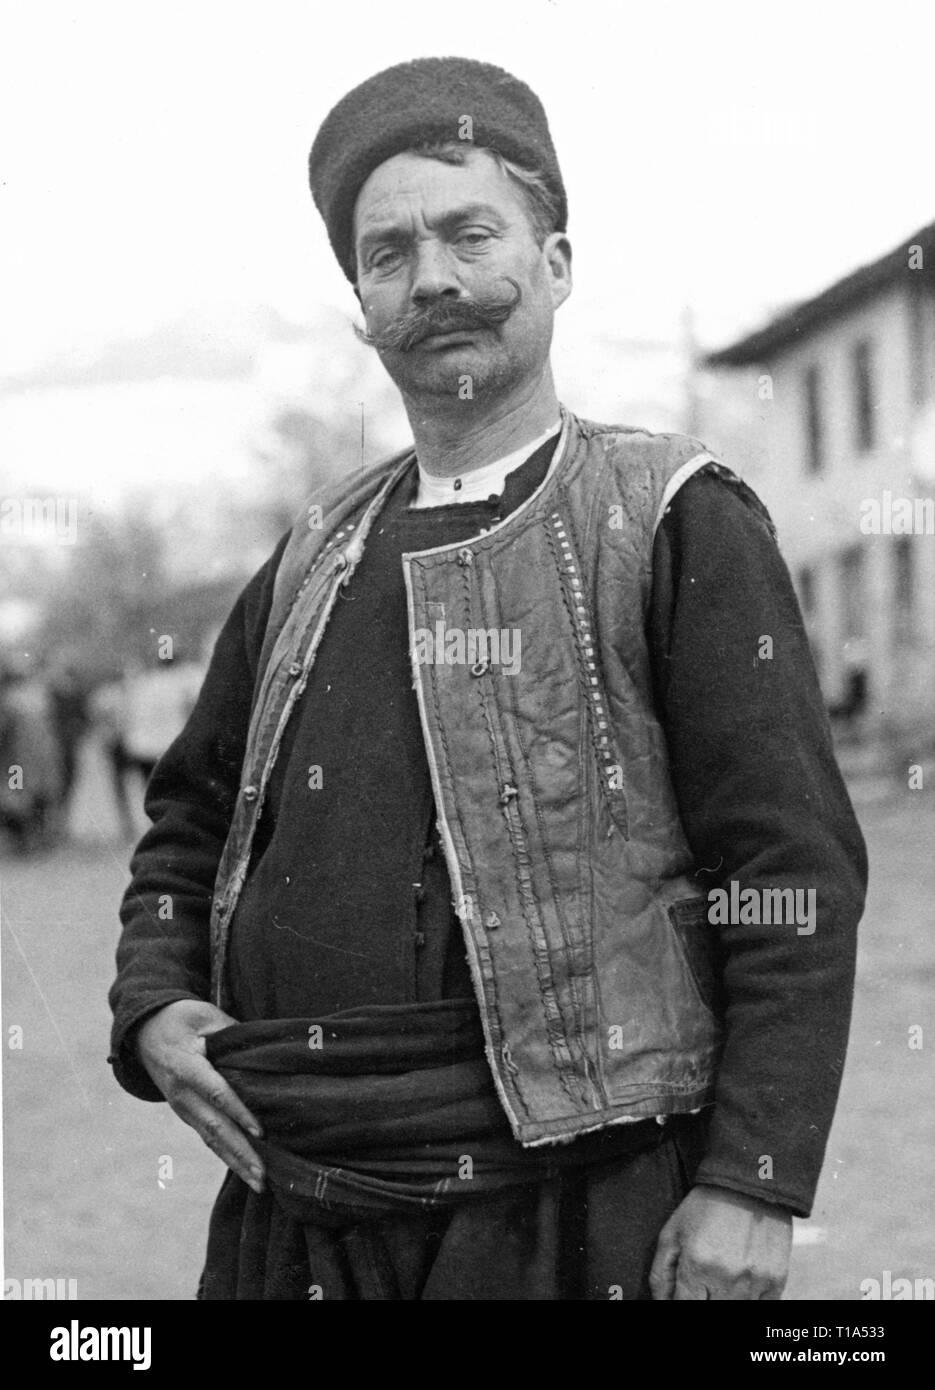 Geografia / viaggi storico, Bulgaria, folklore, bulgaro uomo in costume nazionale, circa 1935, Additional-Rights-Clearance-Info-Not-Available Immagini Stock